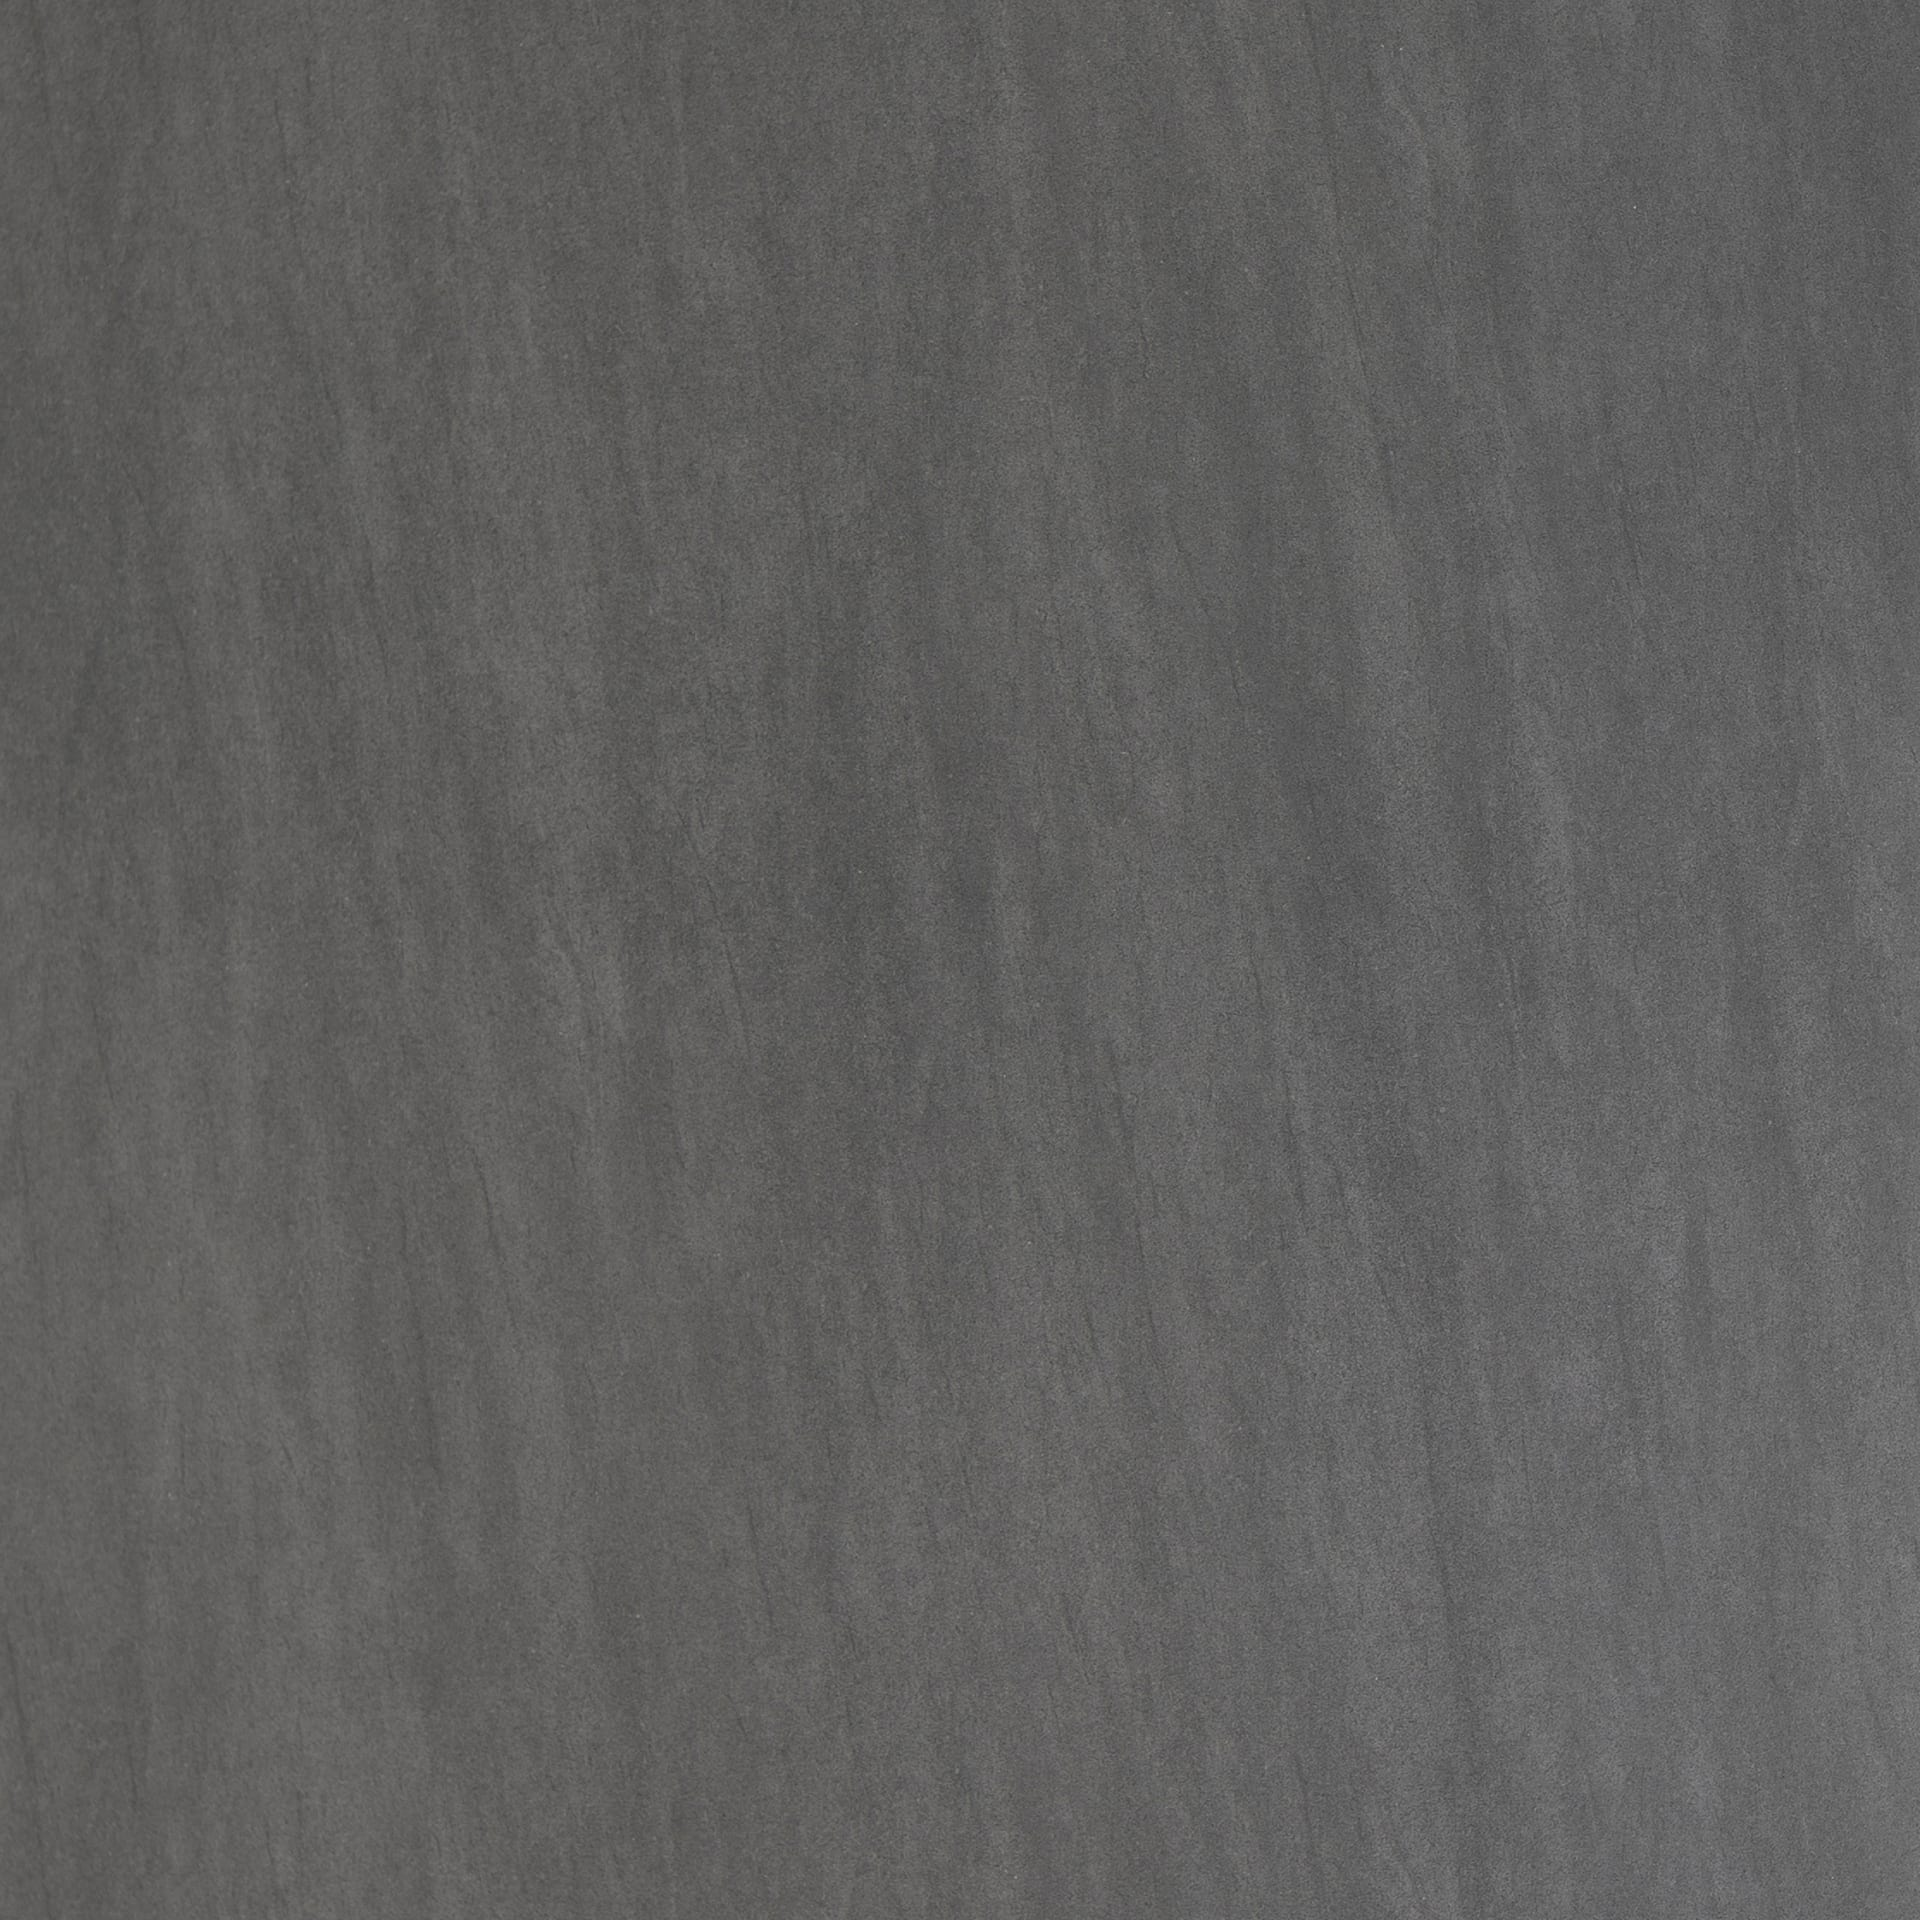 Neolith Basalt Grey vloer